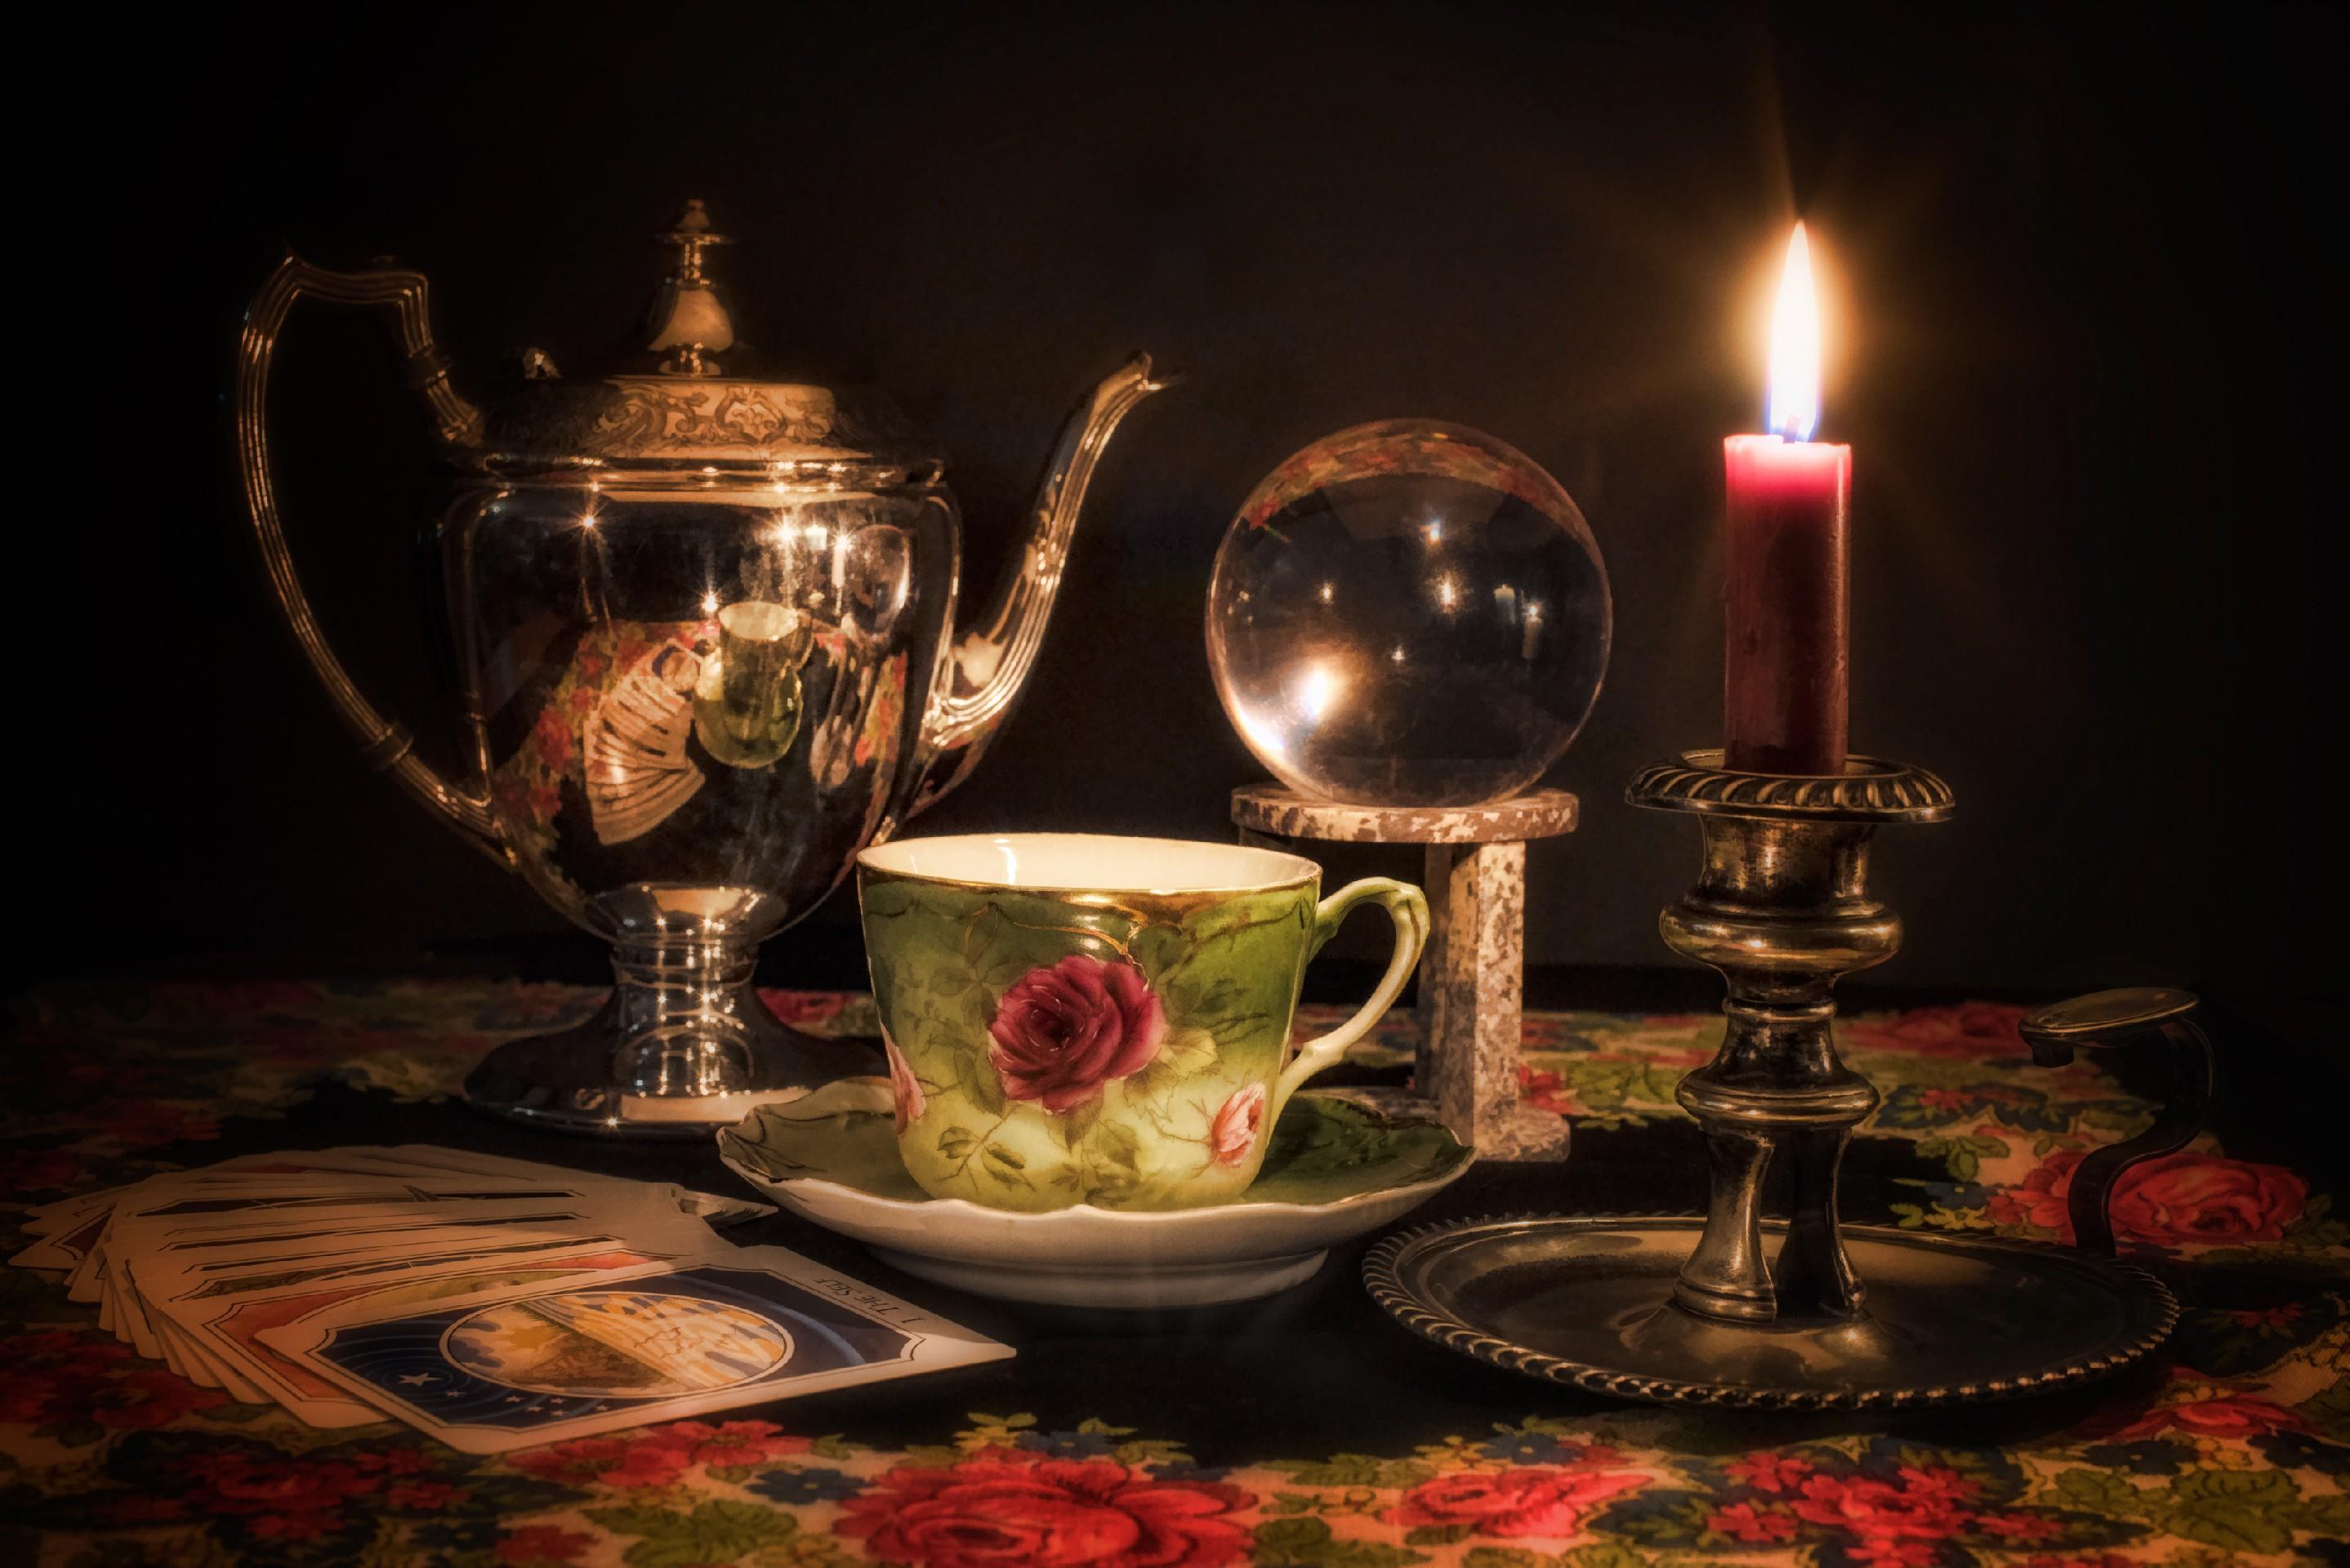 качестве вечерний чай картинки доброго вечера снабжается подробной